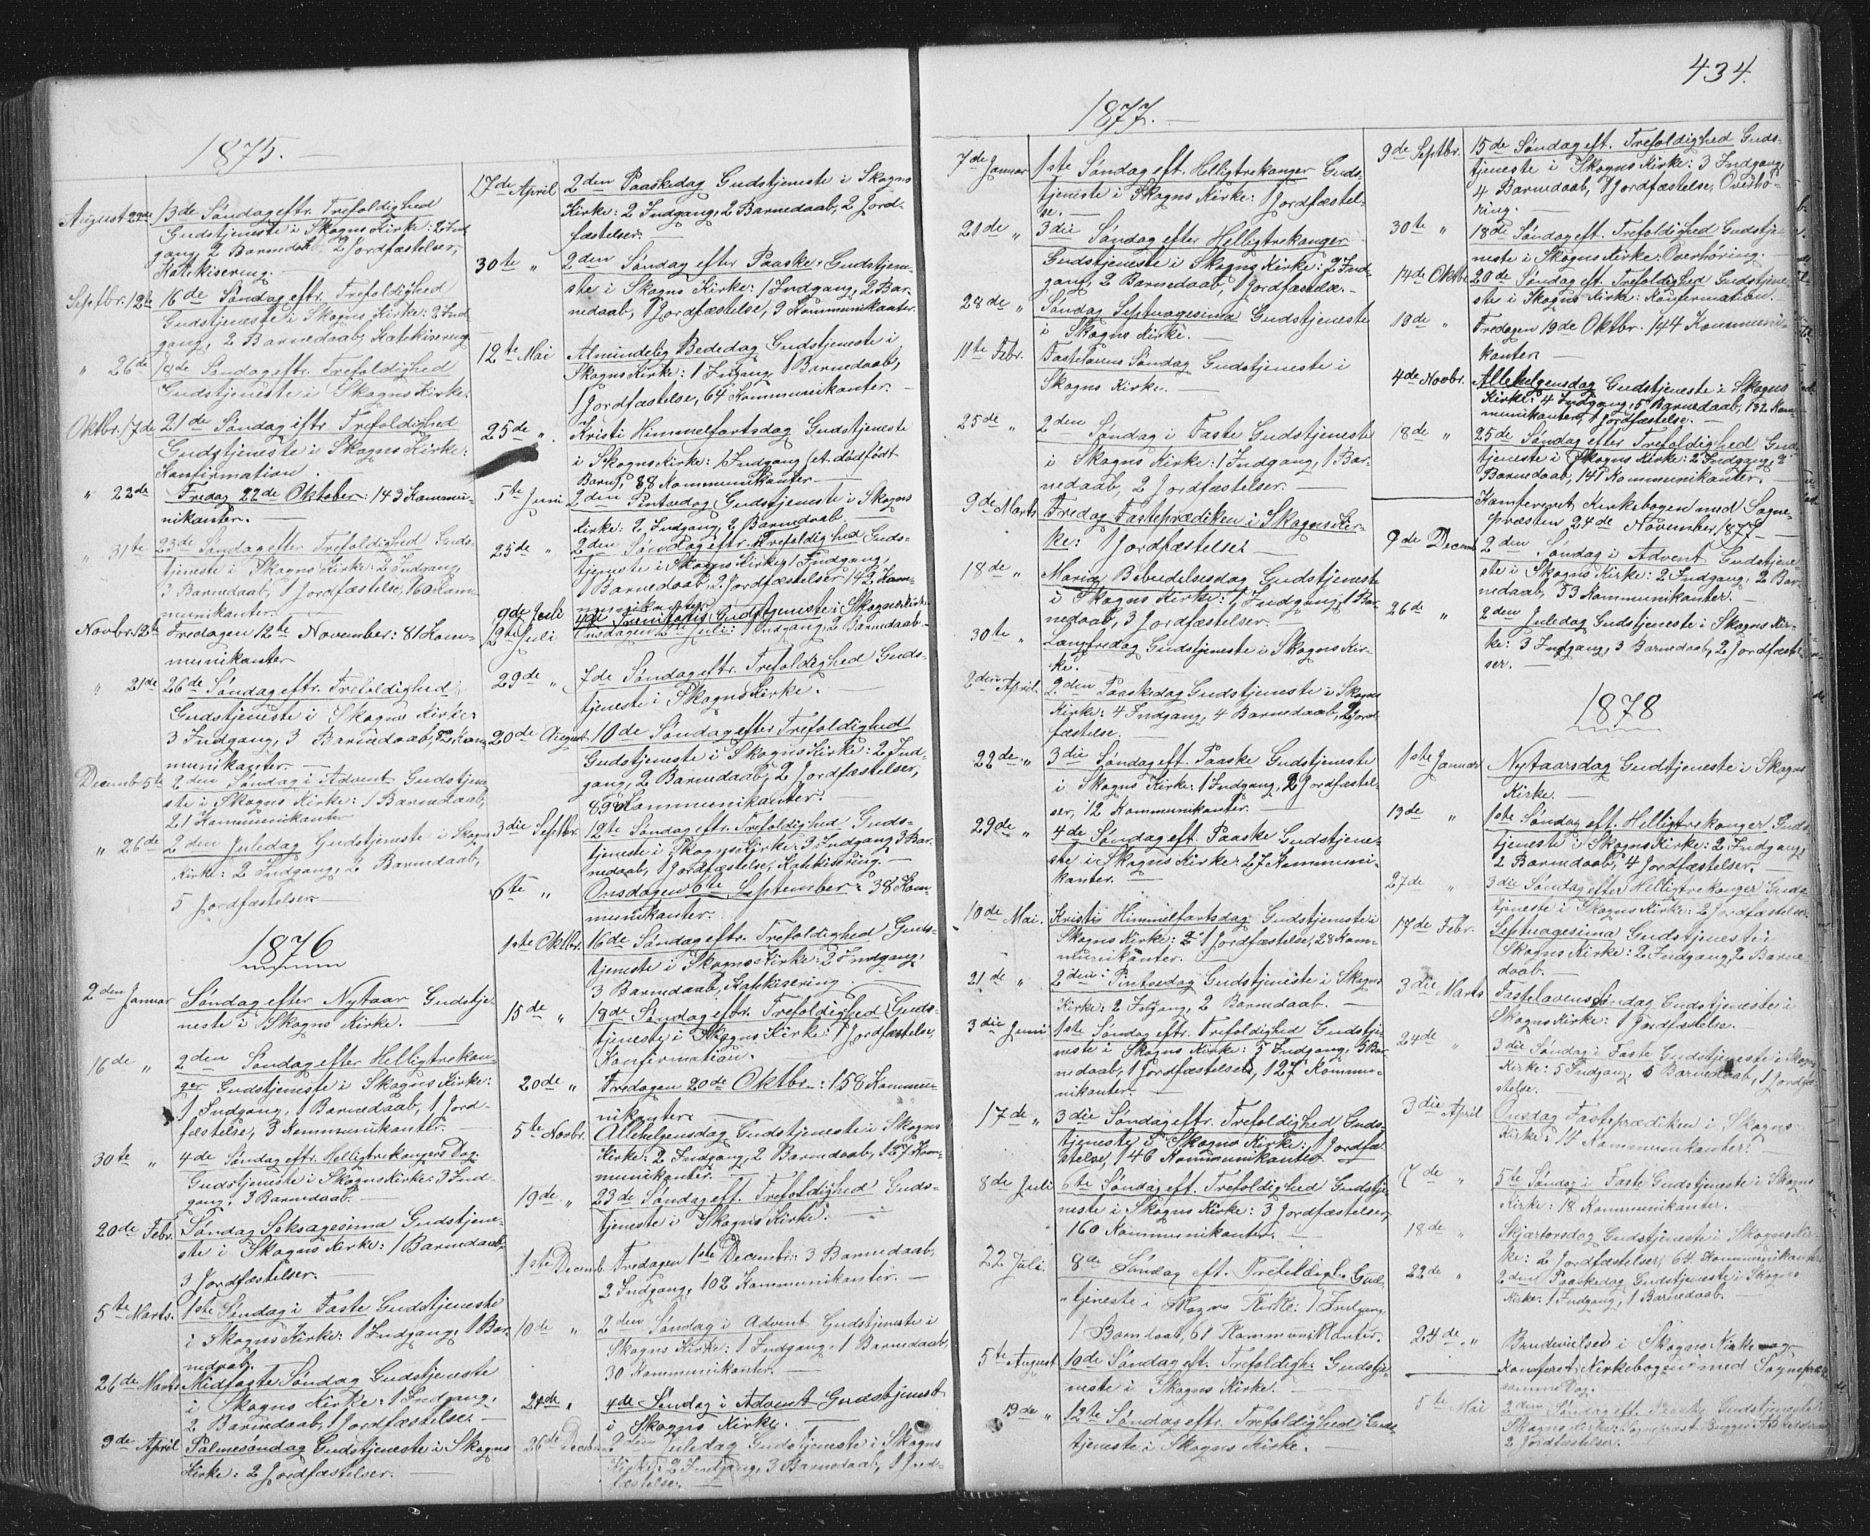 SAT, Ministerialprotokoller, klokkerbøker og fødselsregistre - Sør-Trøndelag, 667/L0798: Klokkerbok nr. 667C03, 1867-1929, s. 434